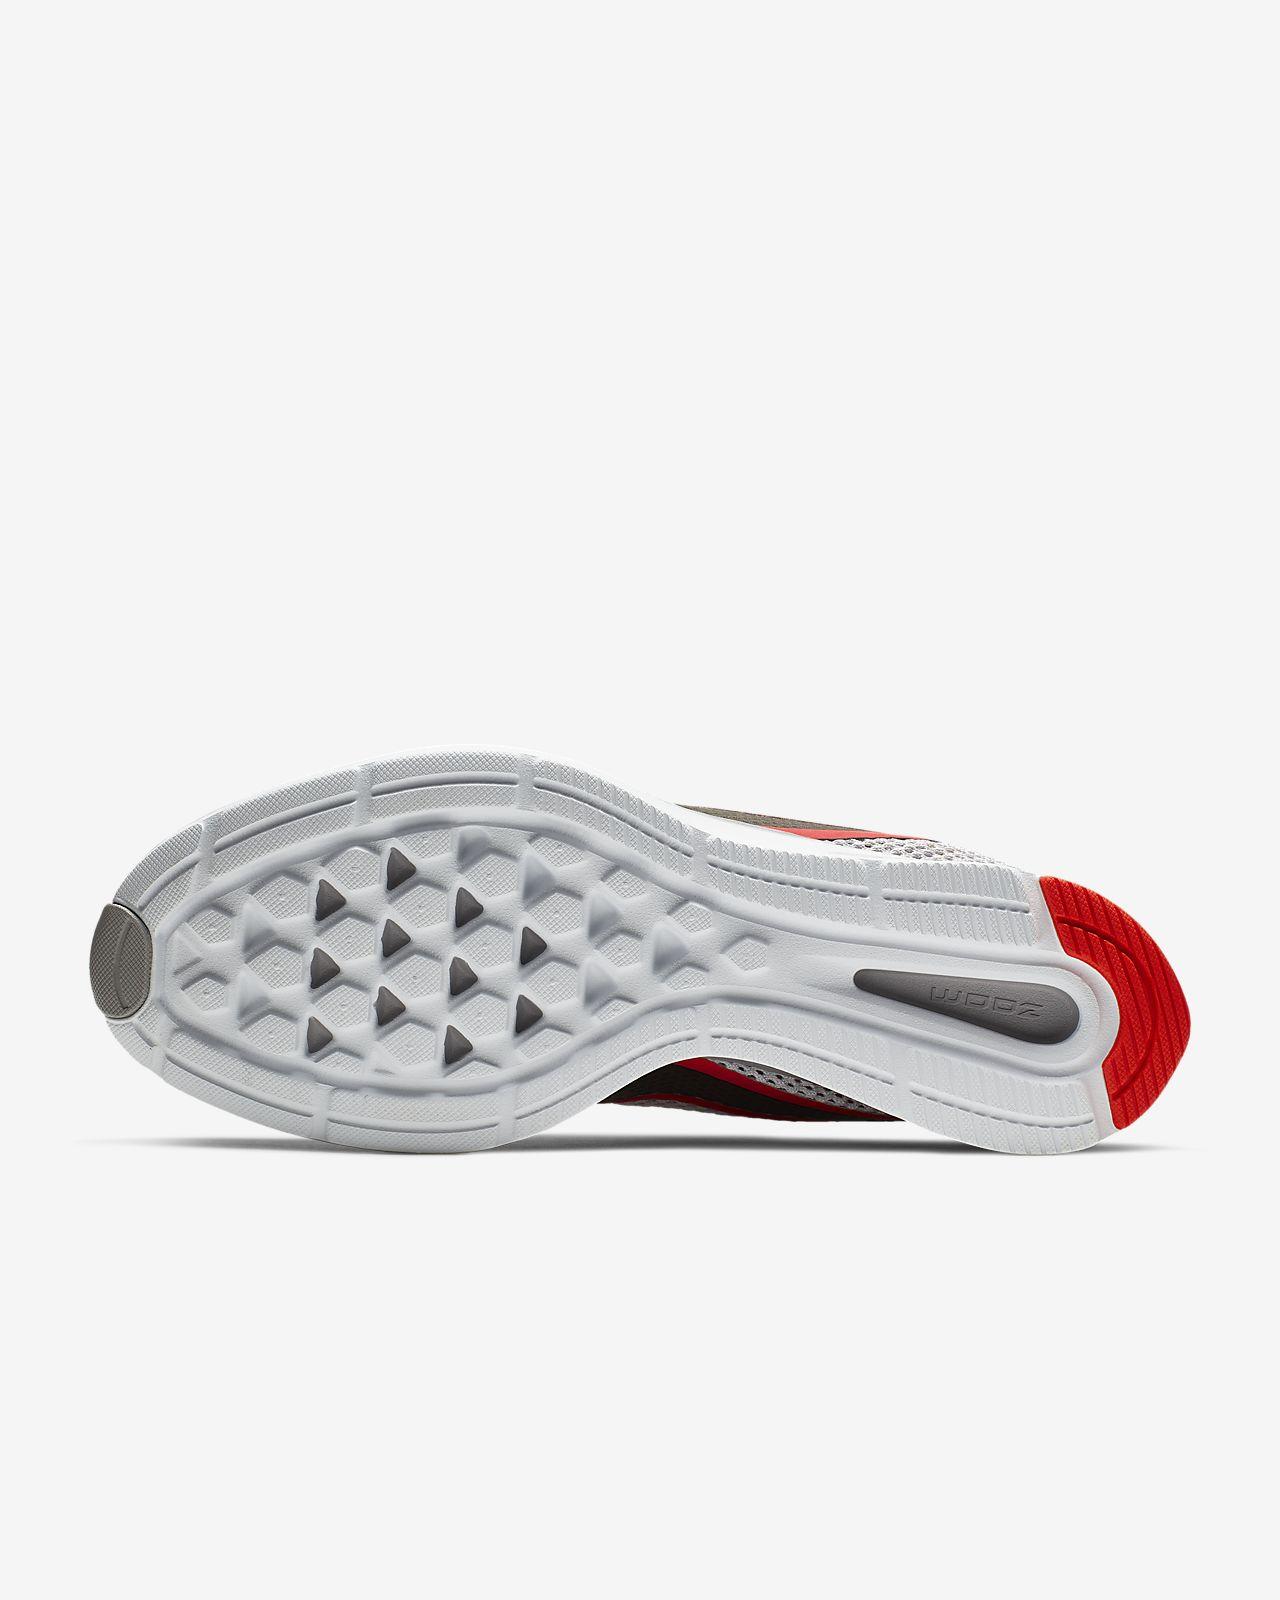 ce13a9b2ef1 Ανδρικό παπούτσι για τρέξιμο Nike Zoom Strike 2. Nike.com GR